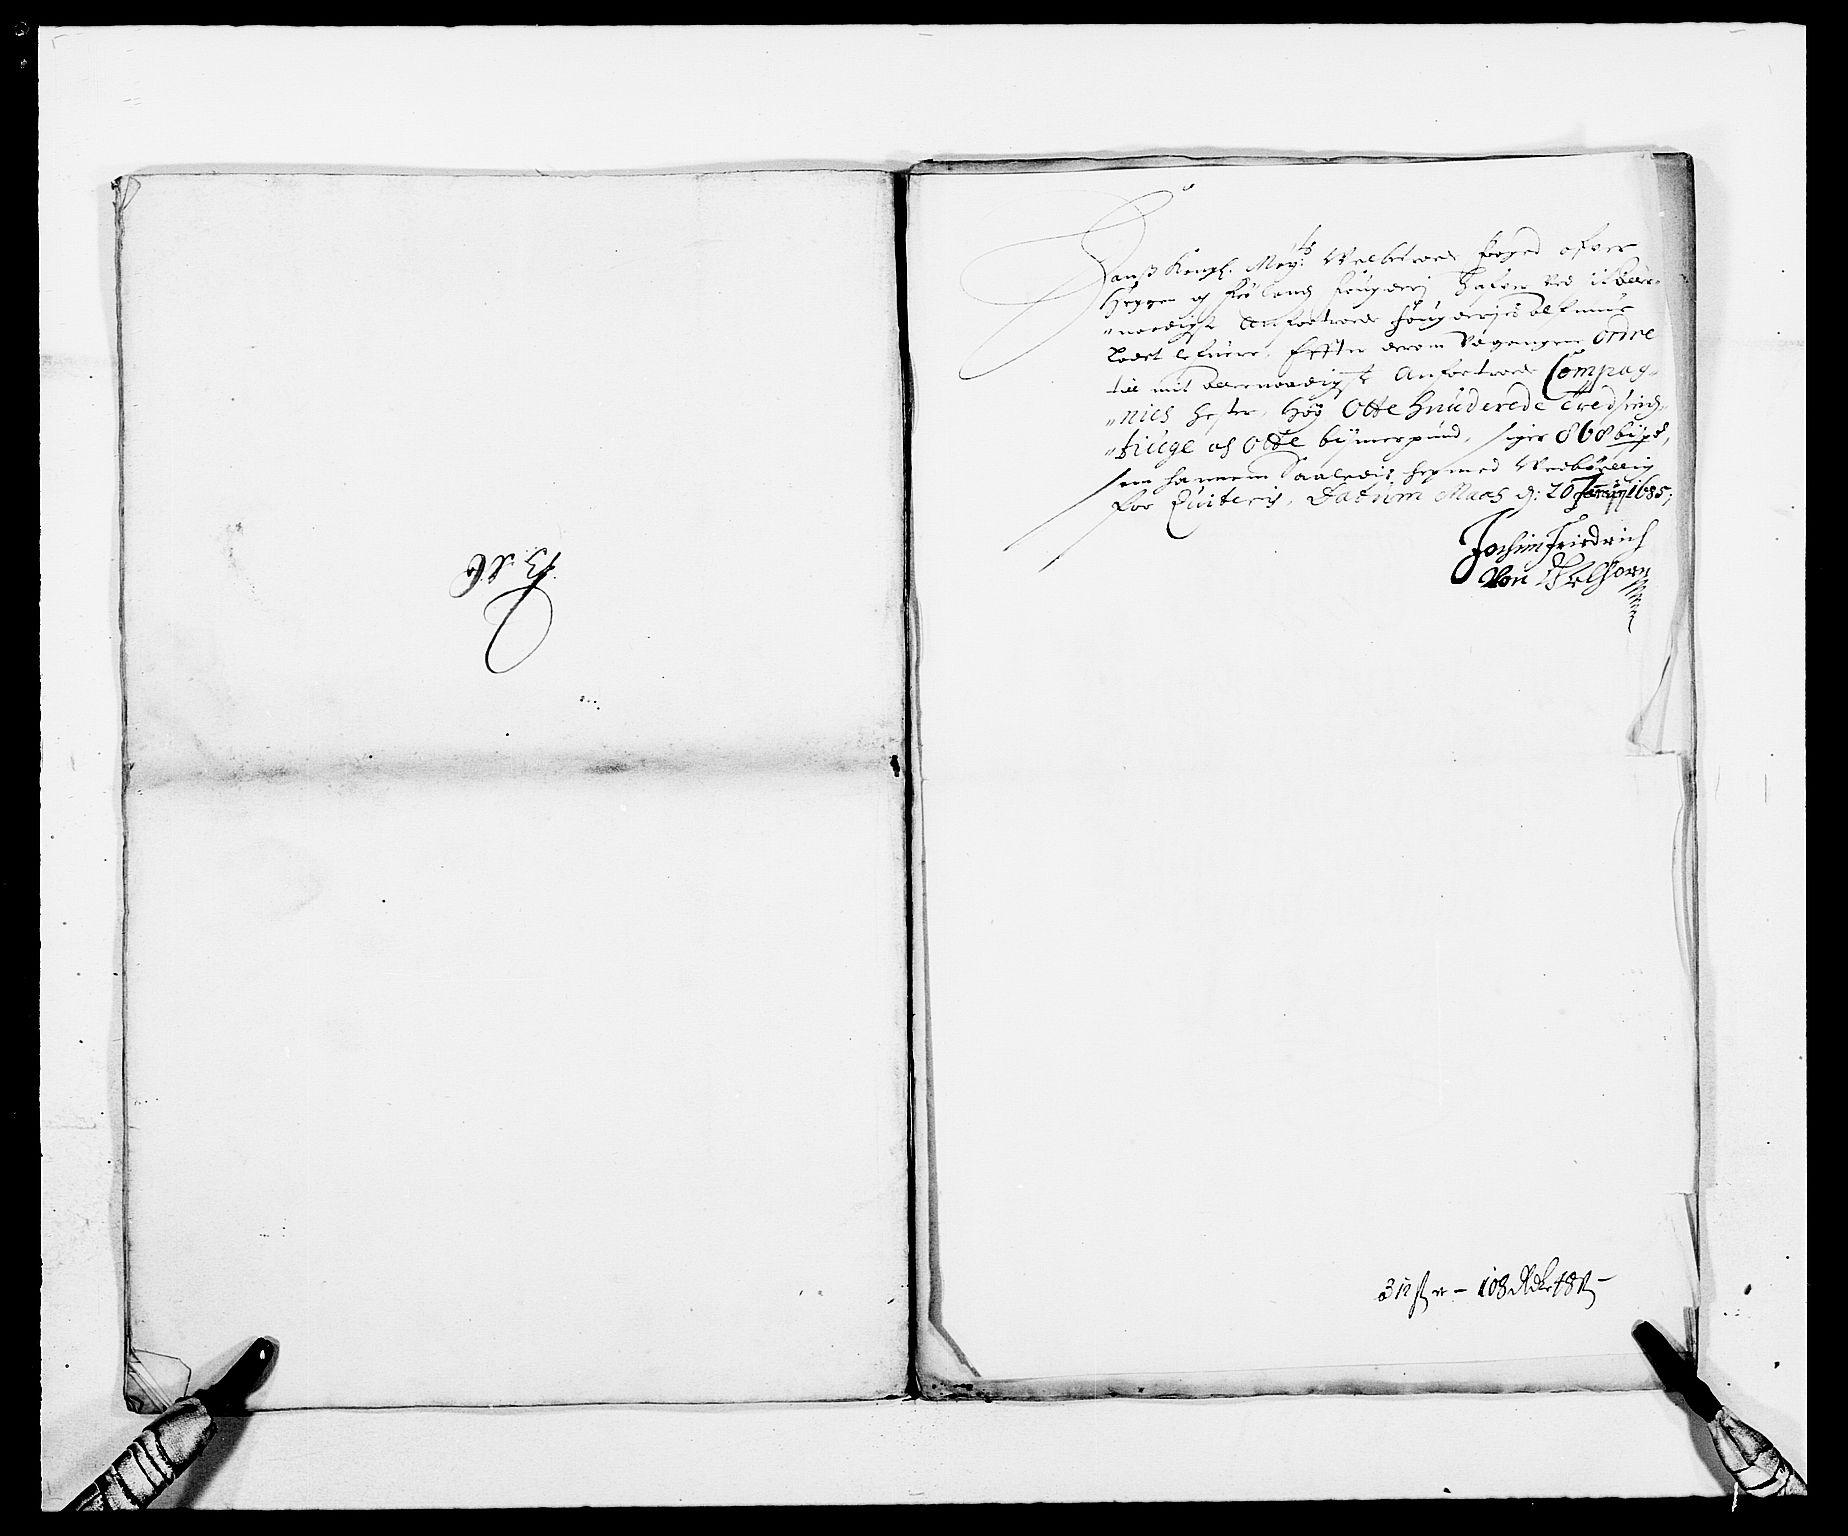 RA, Rentekammeret inntil 1814, Reviderte regnskaper, Fogderegnskap, R06/L0281: Fogderegnskap Heggen og Frøland, 1678-1686, s. 221